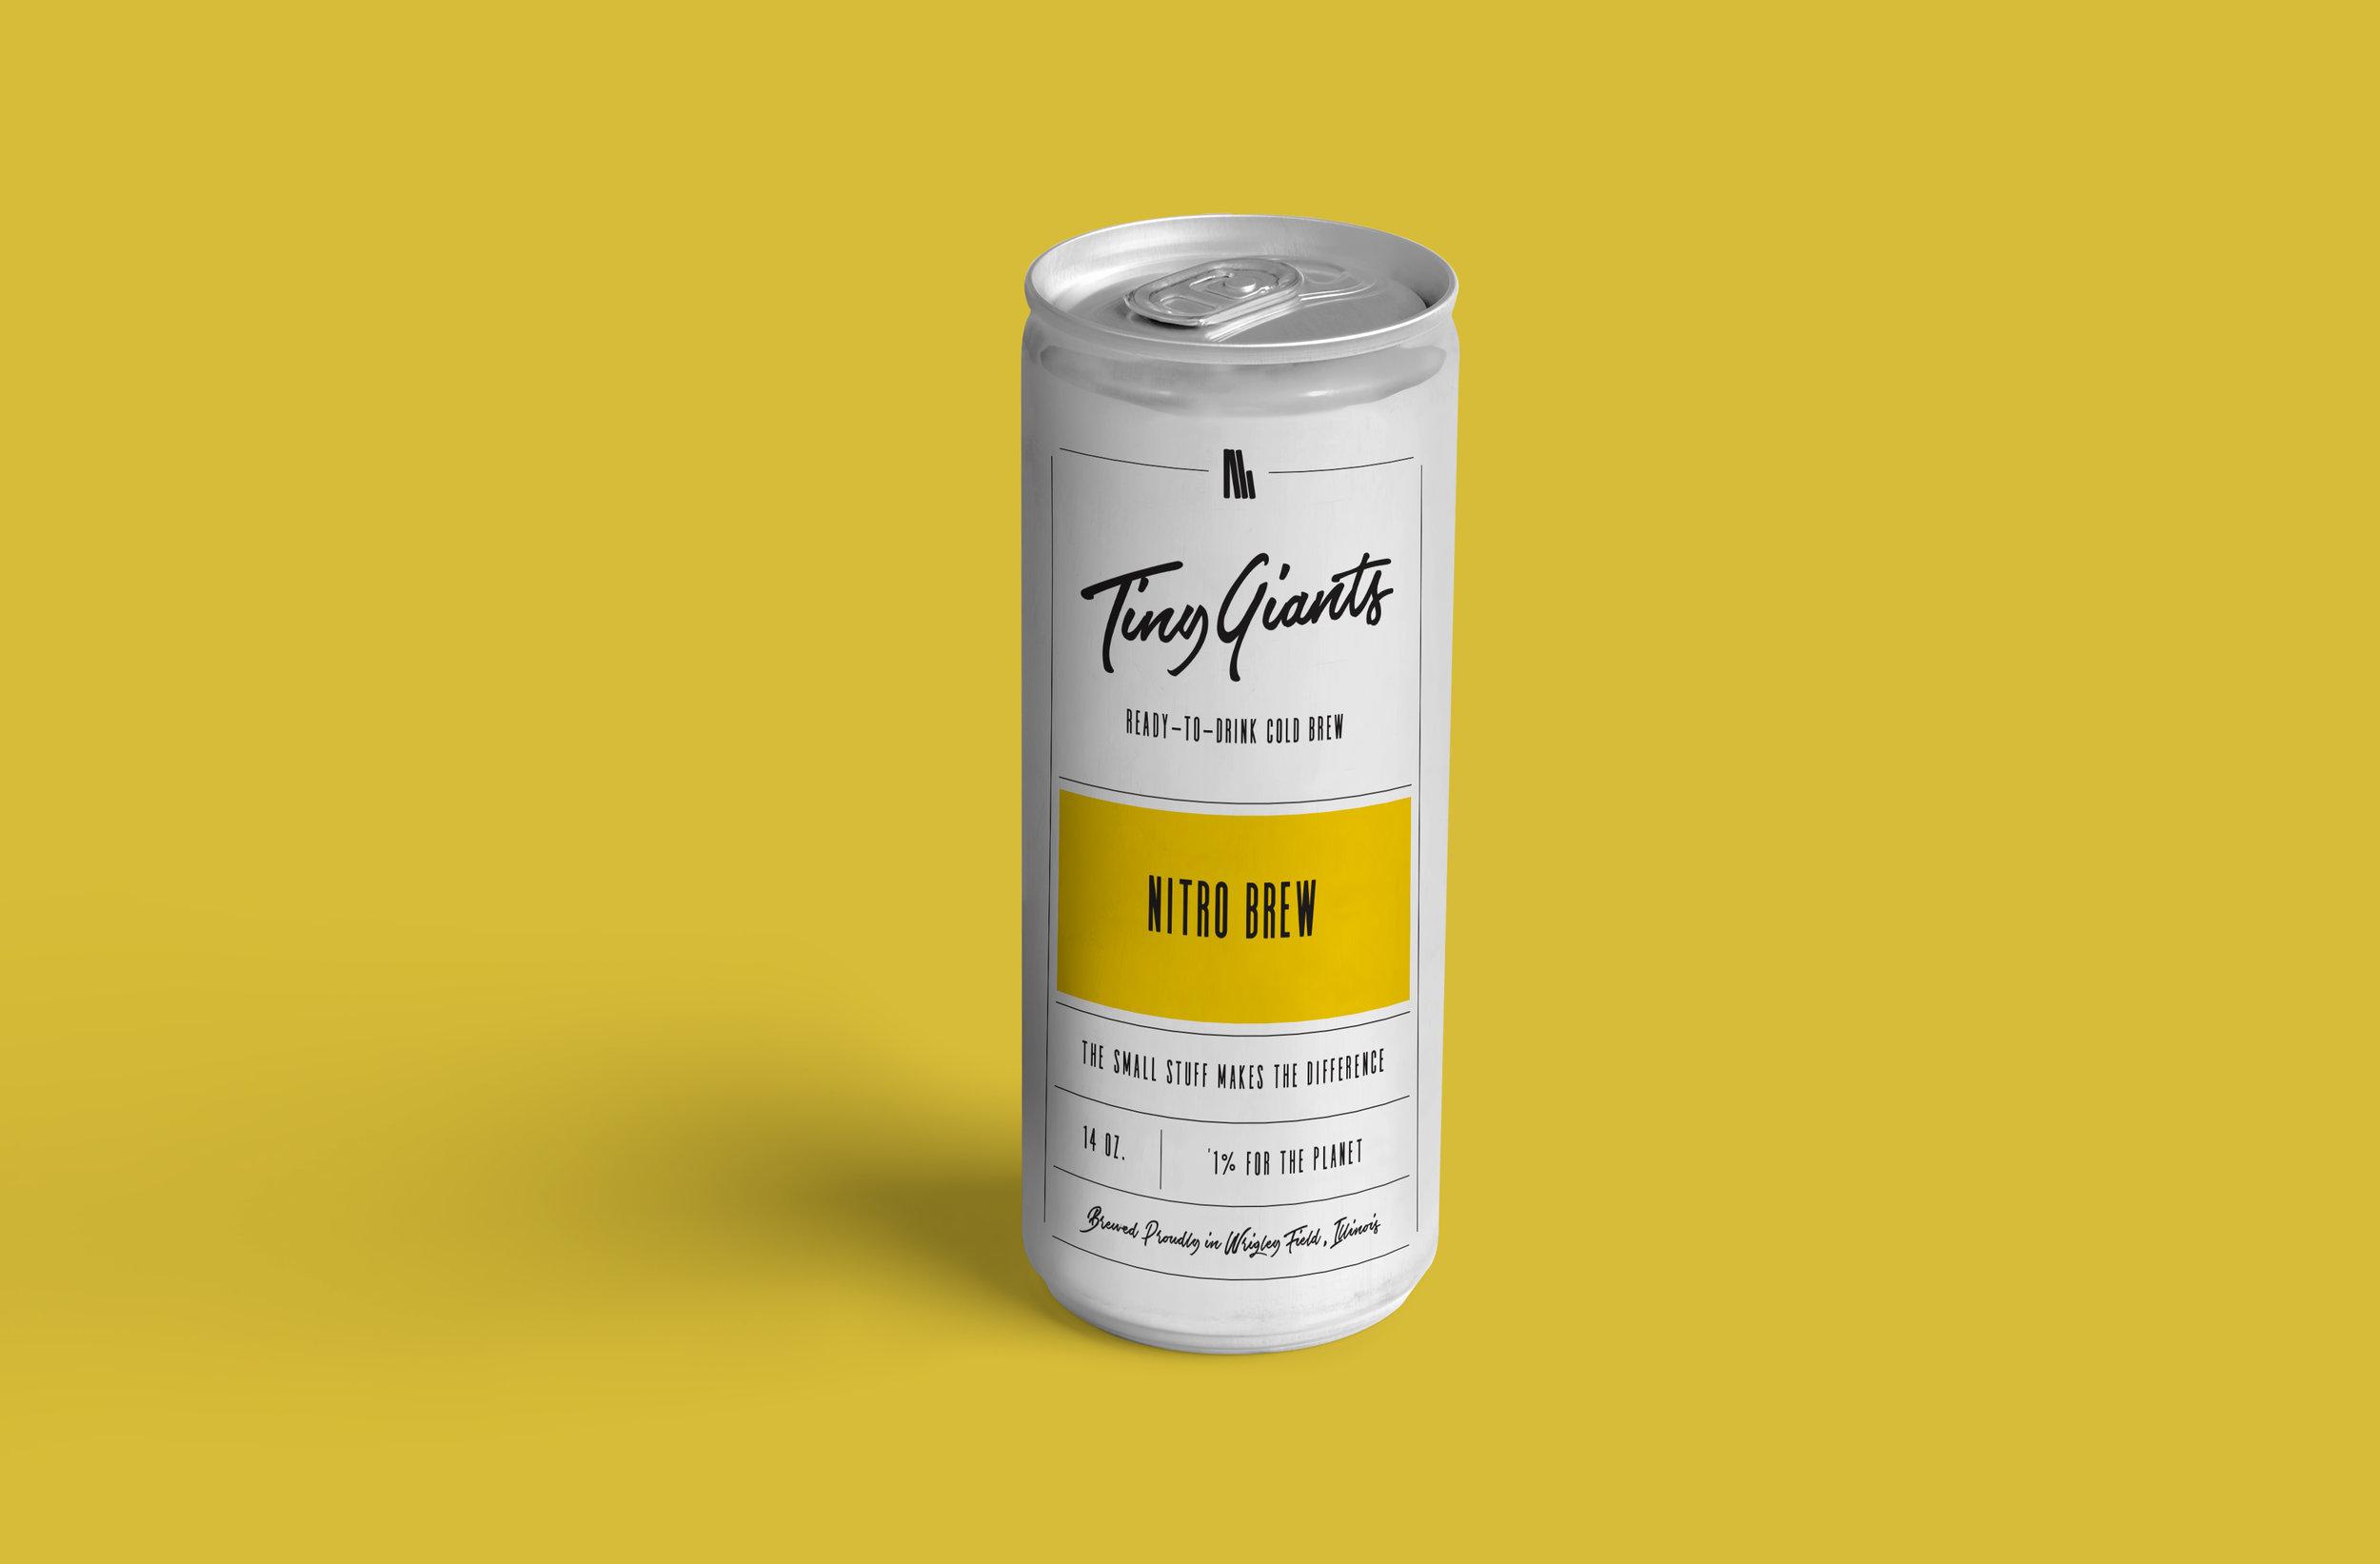 Tiny-Giants-1.jpg